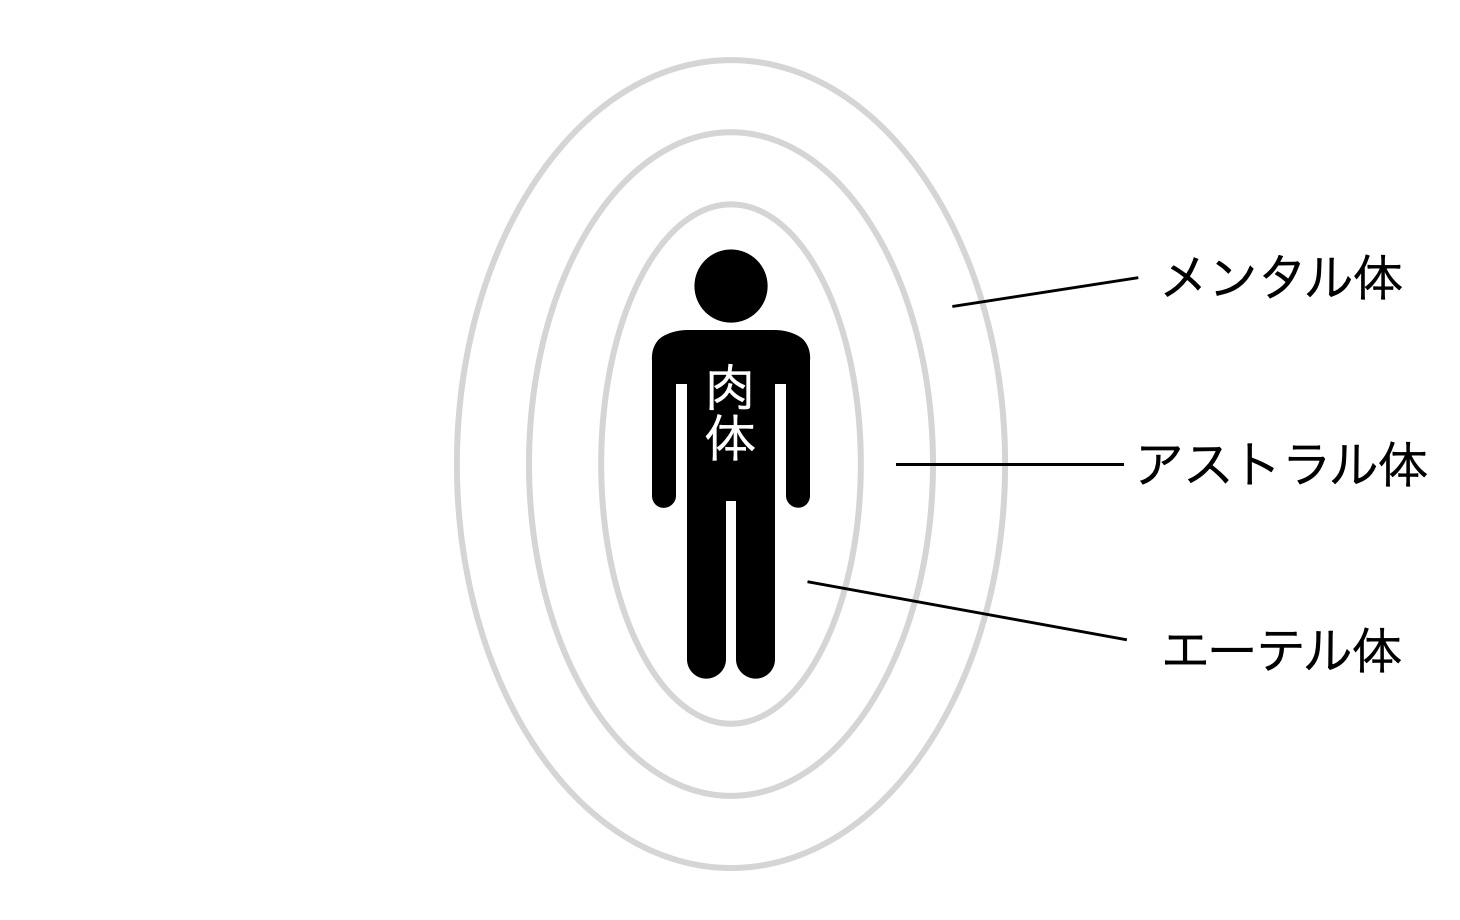 肉体・エーテル体・アストラル体・メンタル体の構造